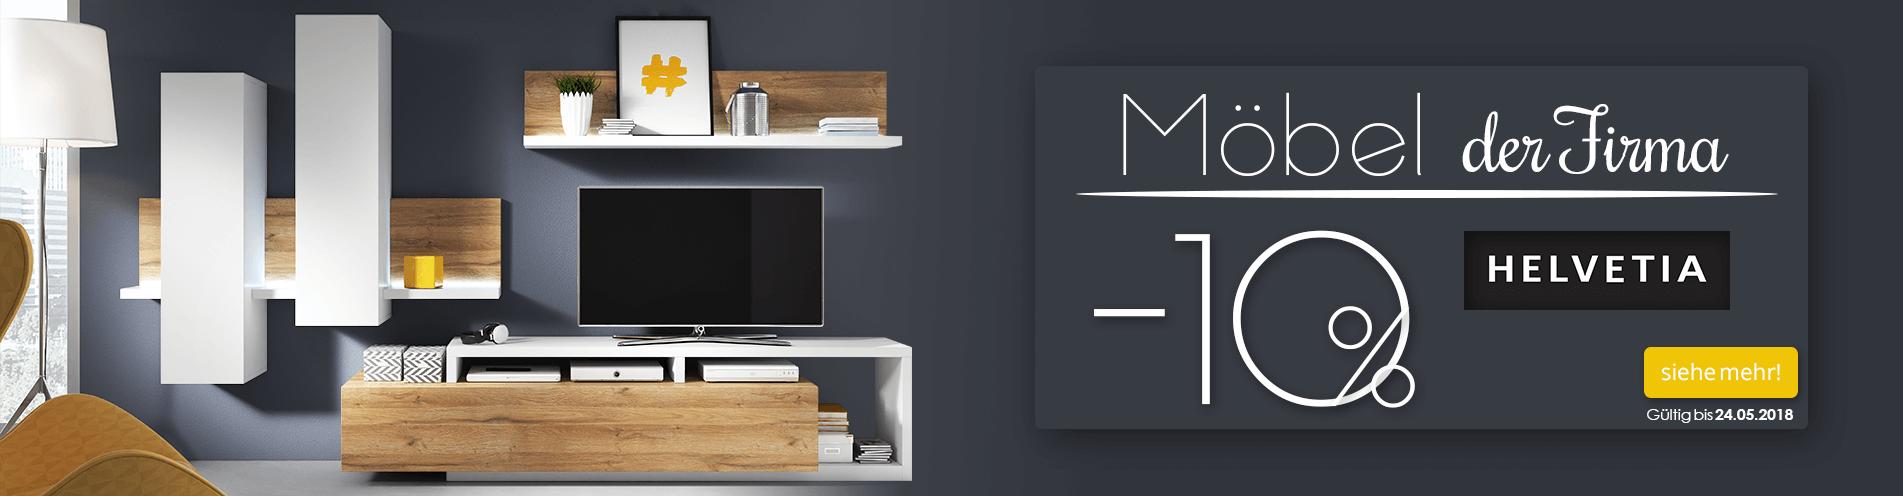 Moebel24 De möbel für dein zuhause kostenlose lieferung shop x moebel24